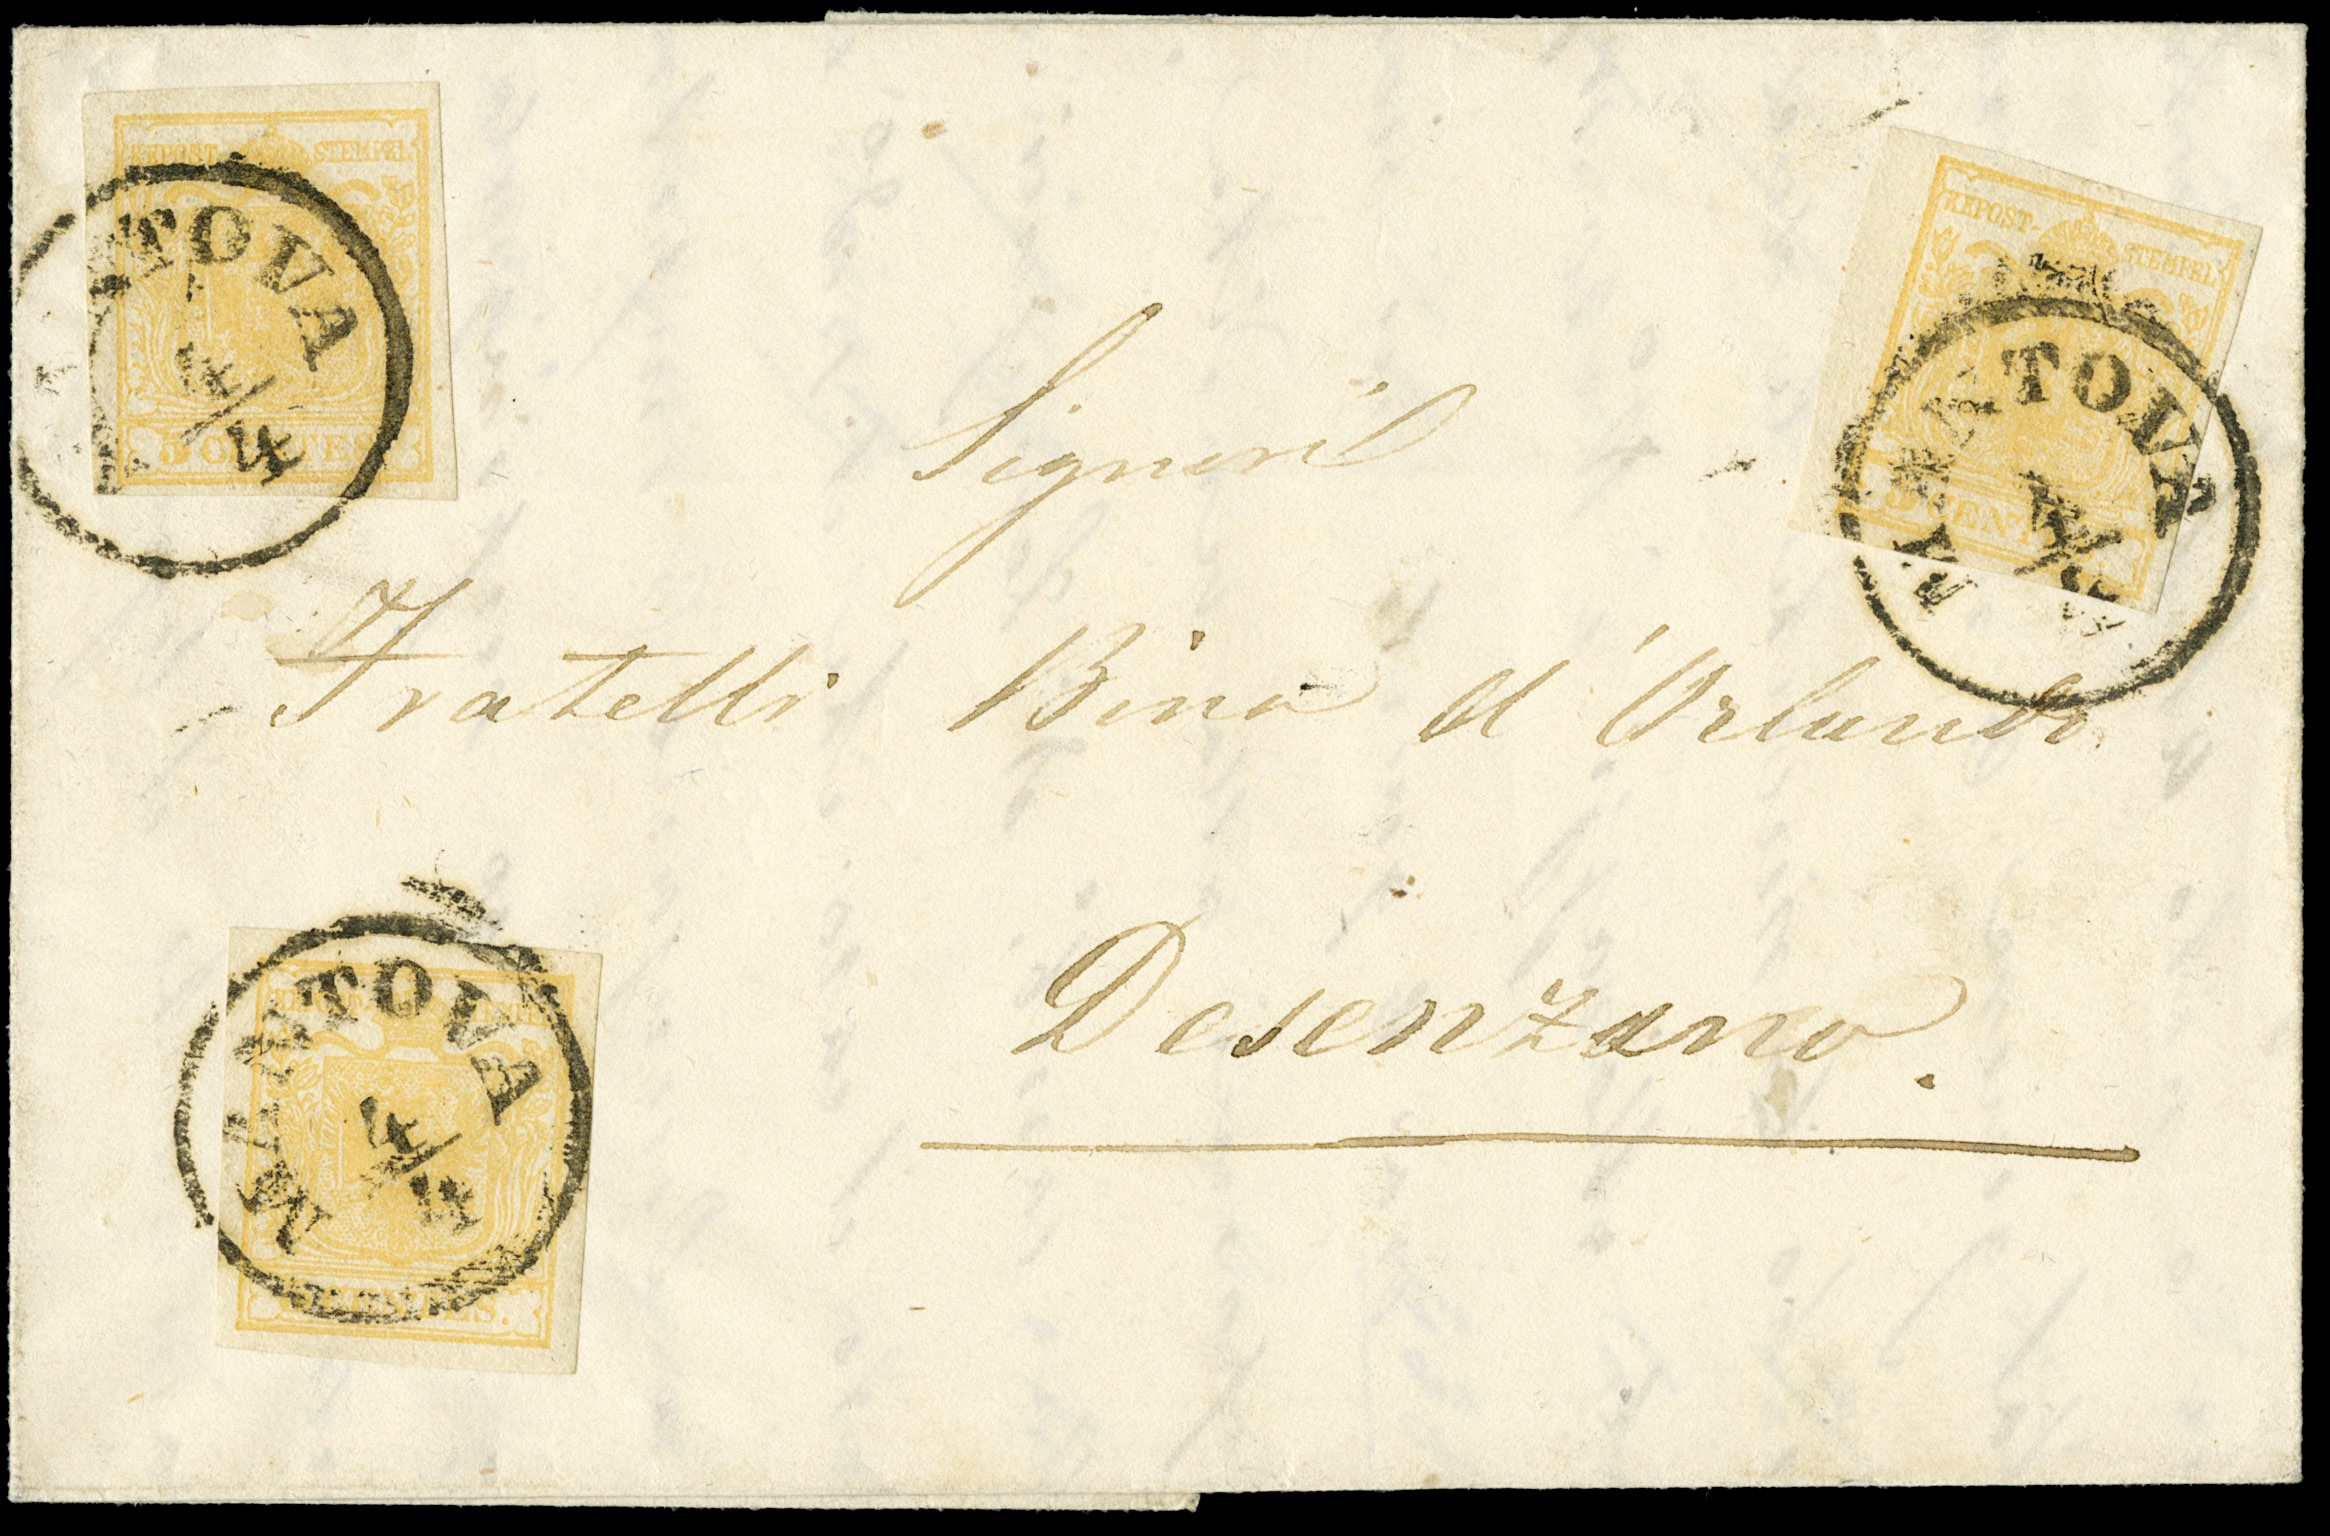 Lot 5 - lombardo veneto posta ordinaria -  Zanaria Aste s.r.l. 9th Philatelic Auction